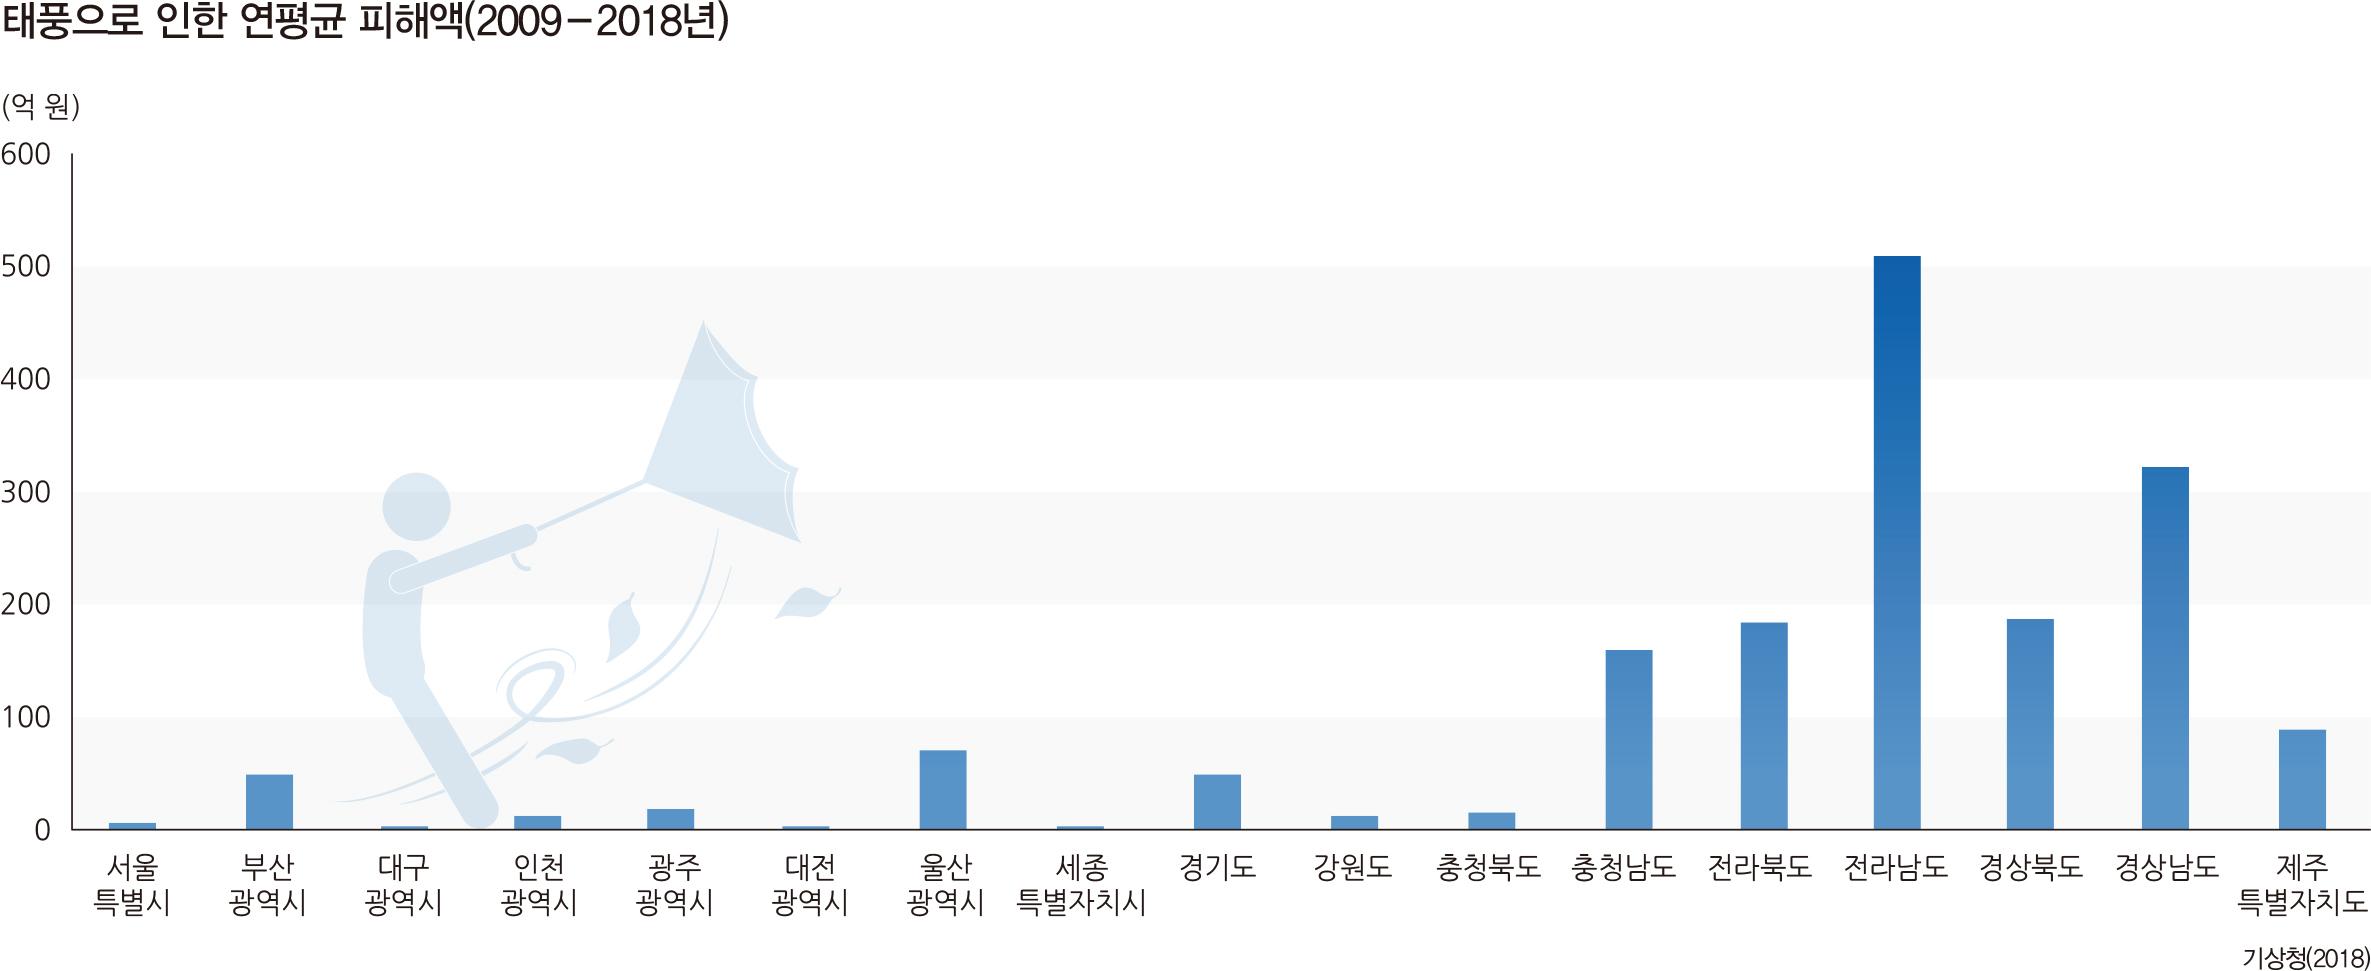 태풍으로 인한 연평균 피해액(2009-2018년)